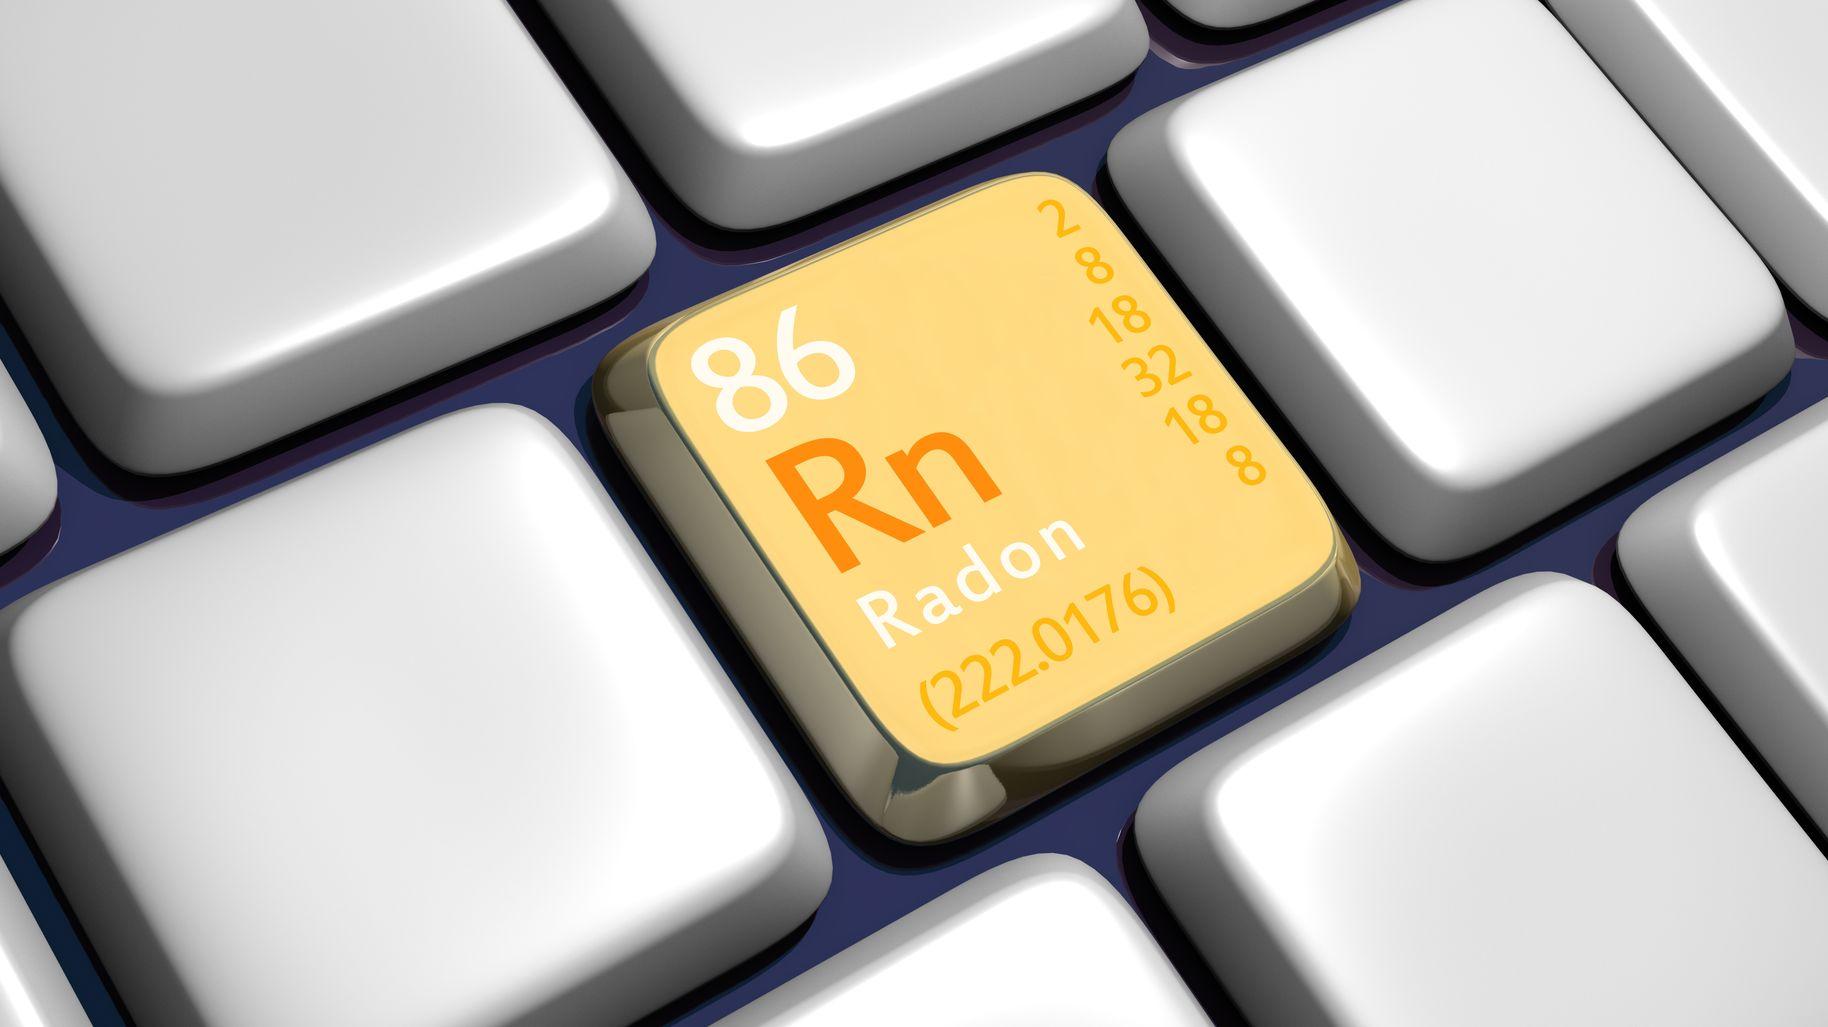 """Ausschnitt einer Tastatur mit Radon-Zeichen """"Rn 86"""""""